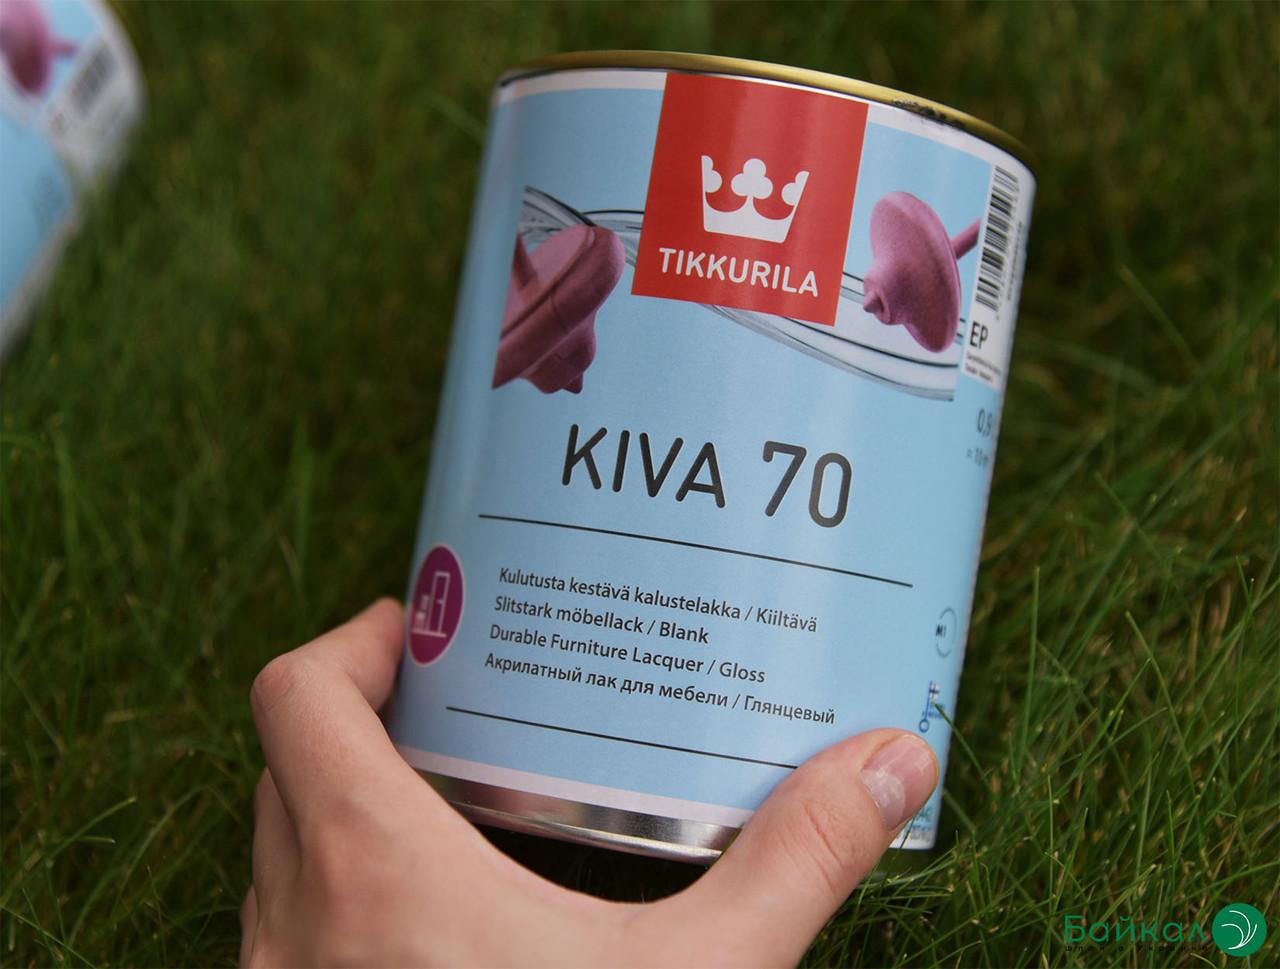 Глянцевый лак для мебели Kiva 70 – Tikkurila (банка 0,9 л)